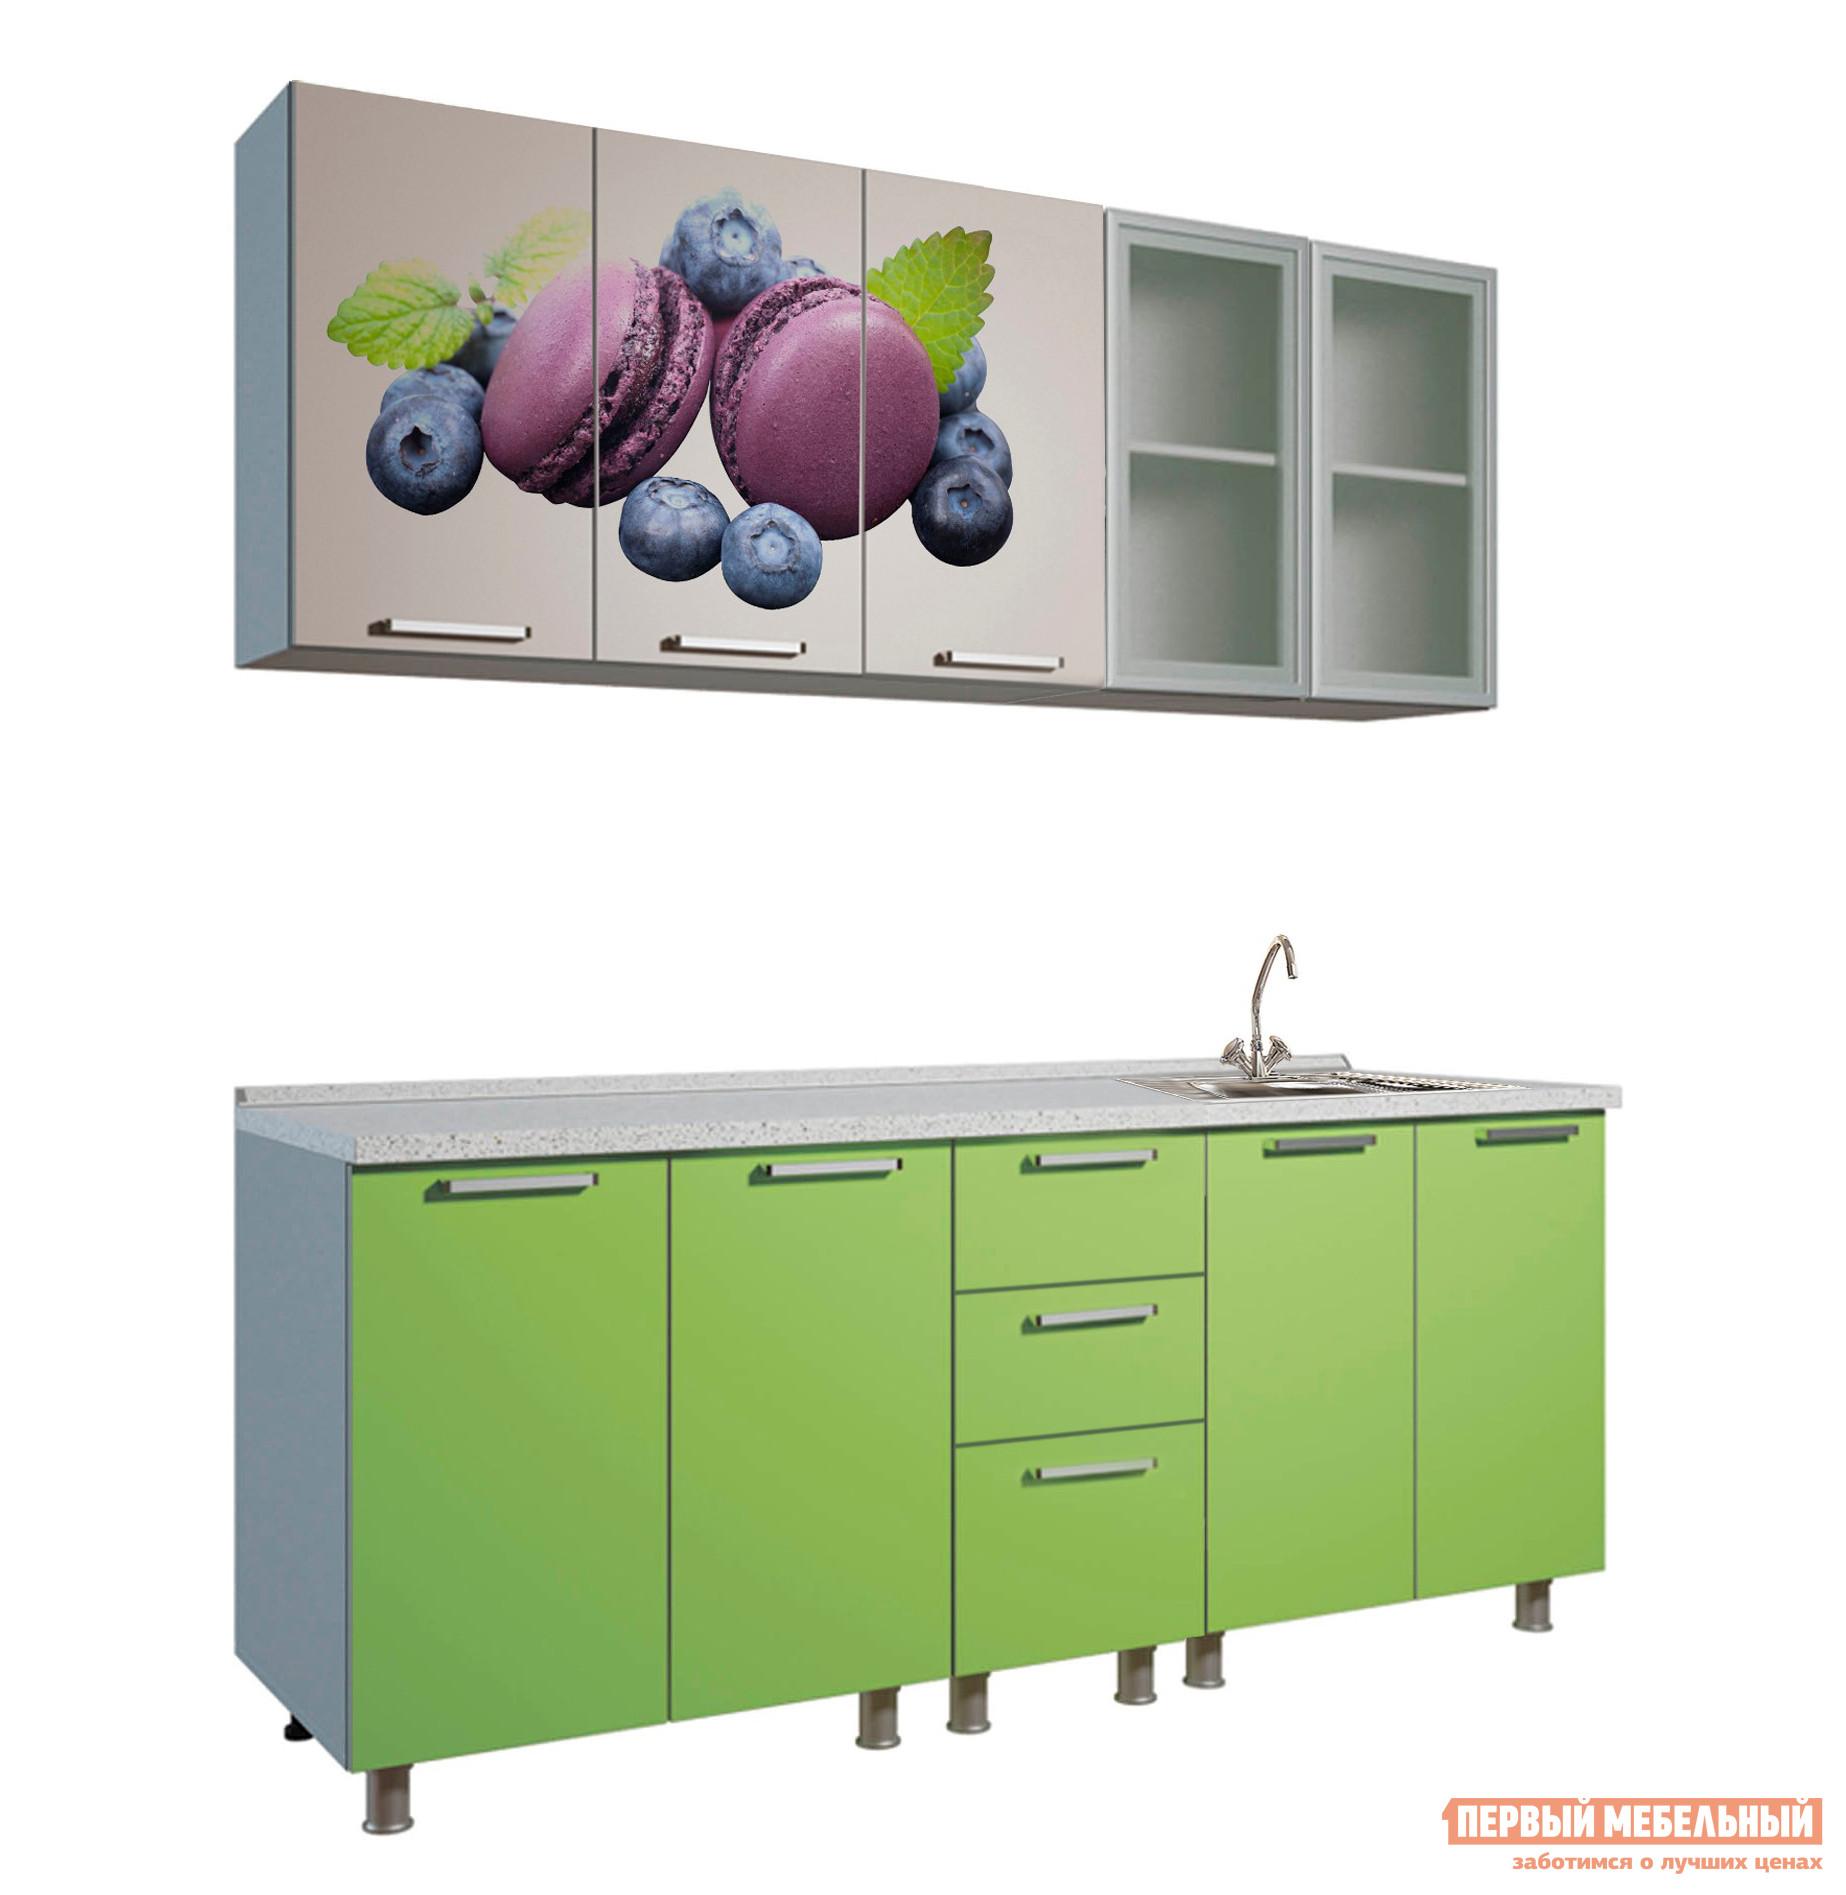 Кухонный гарнитур Первый Мебельный Макарони 200 см кухонный гарнитур витра тиффани к2